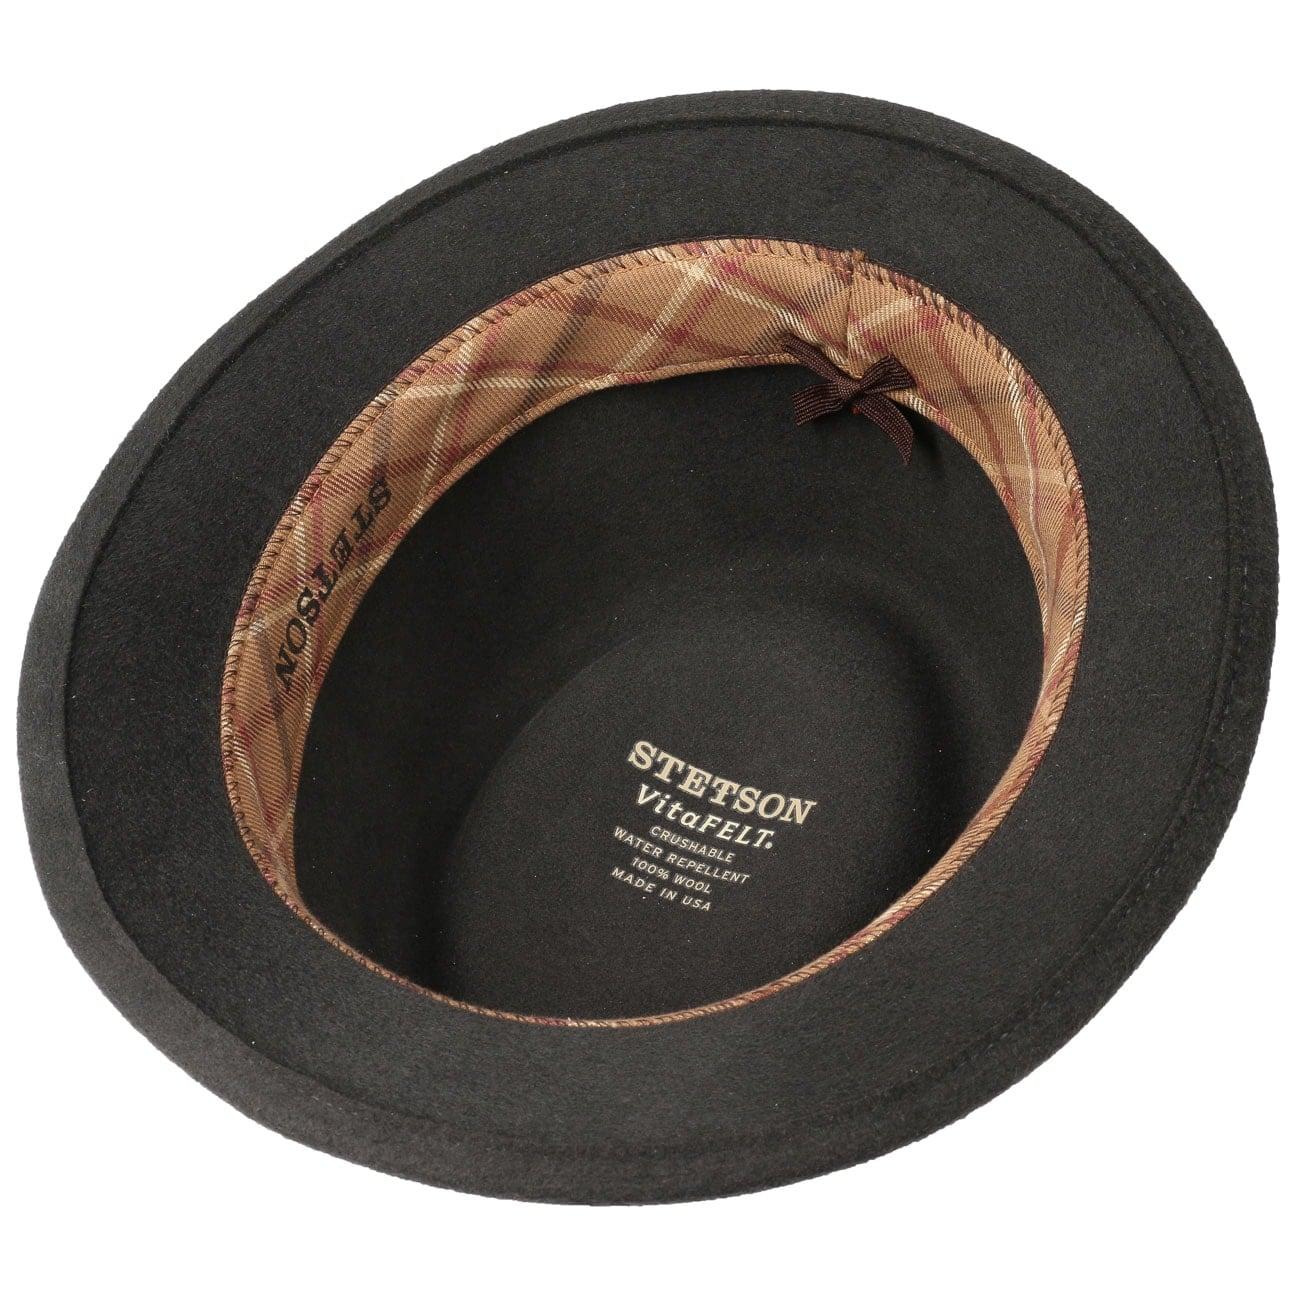 chapeau boston vitafelt by stetson eur 159 00 chapeaux casquettes et bonnets en ligne. Black Bedroom Furniture Sets. Home Design Ideas